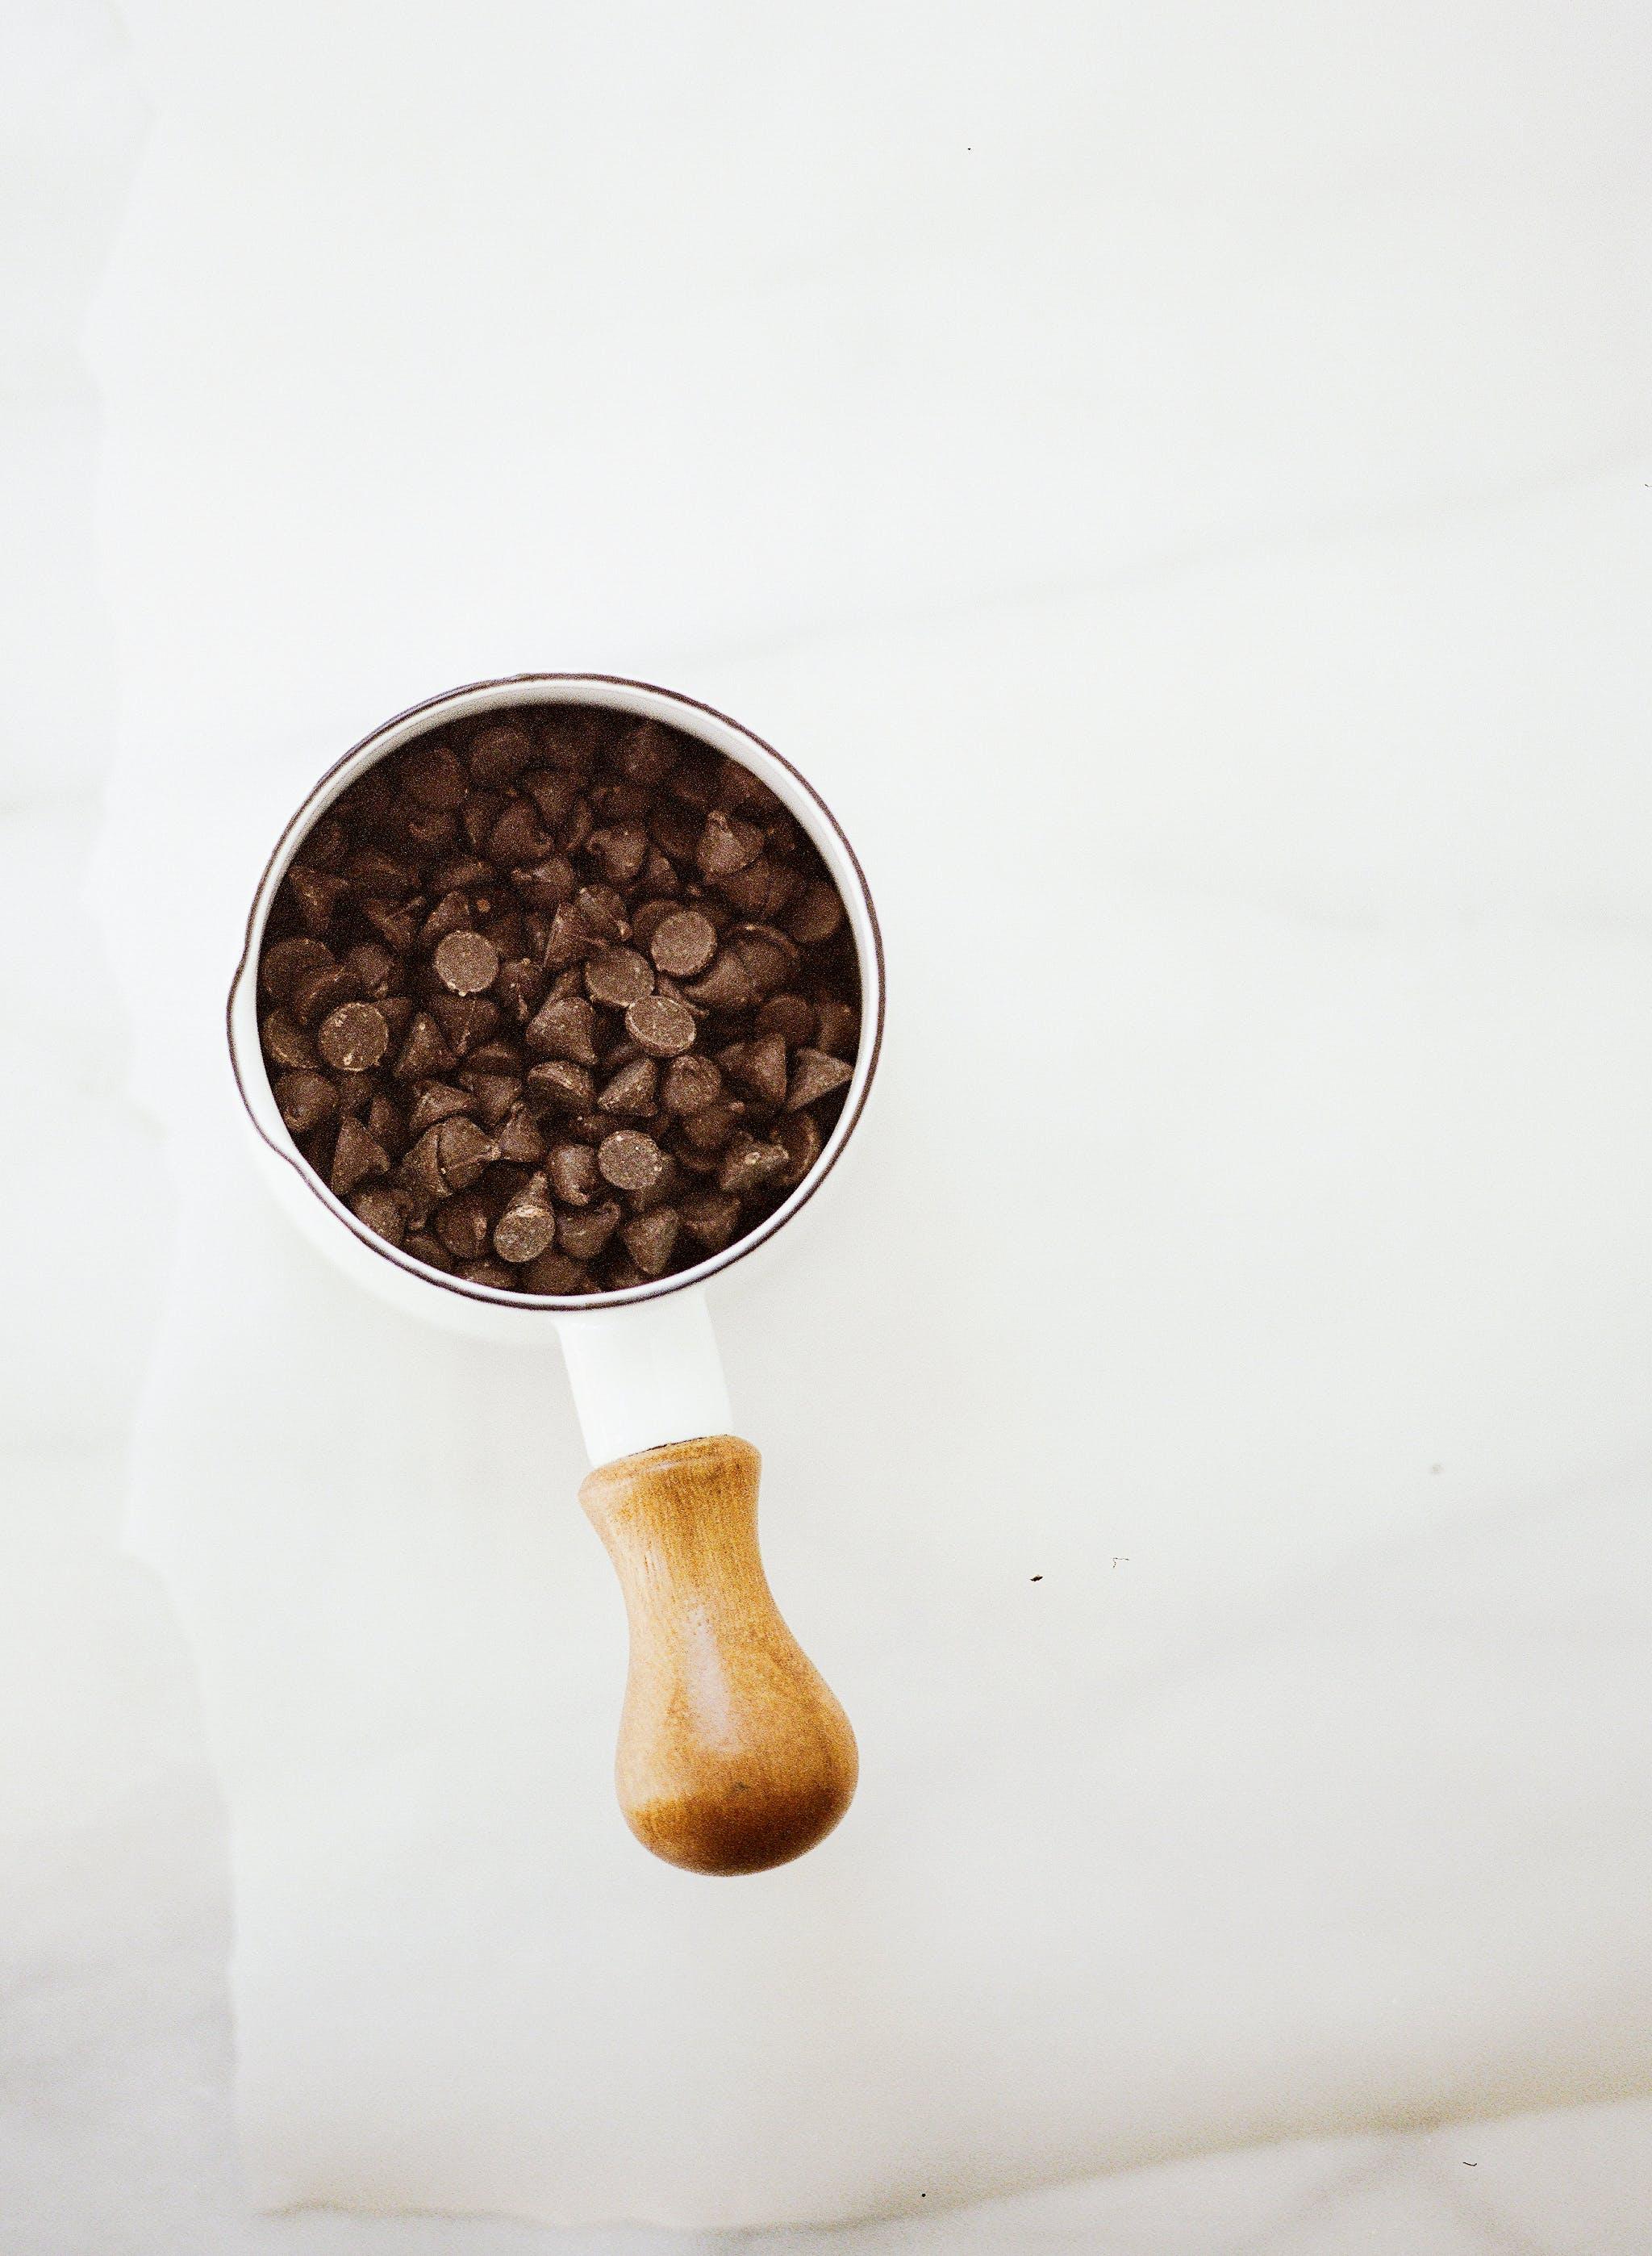 Chocolate Chips on Mug